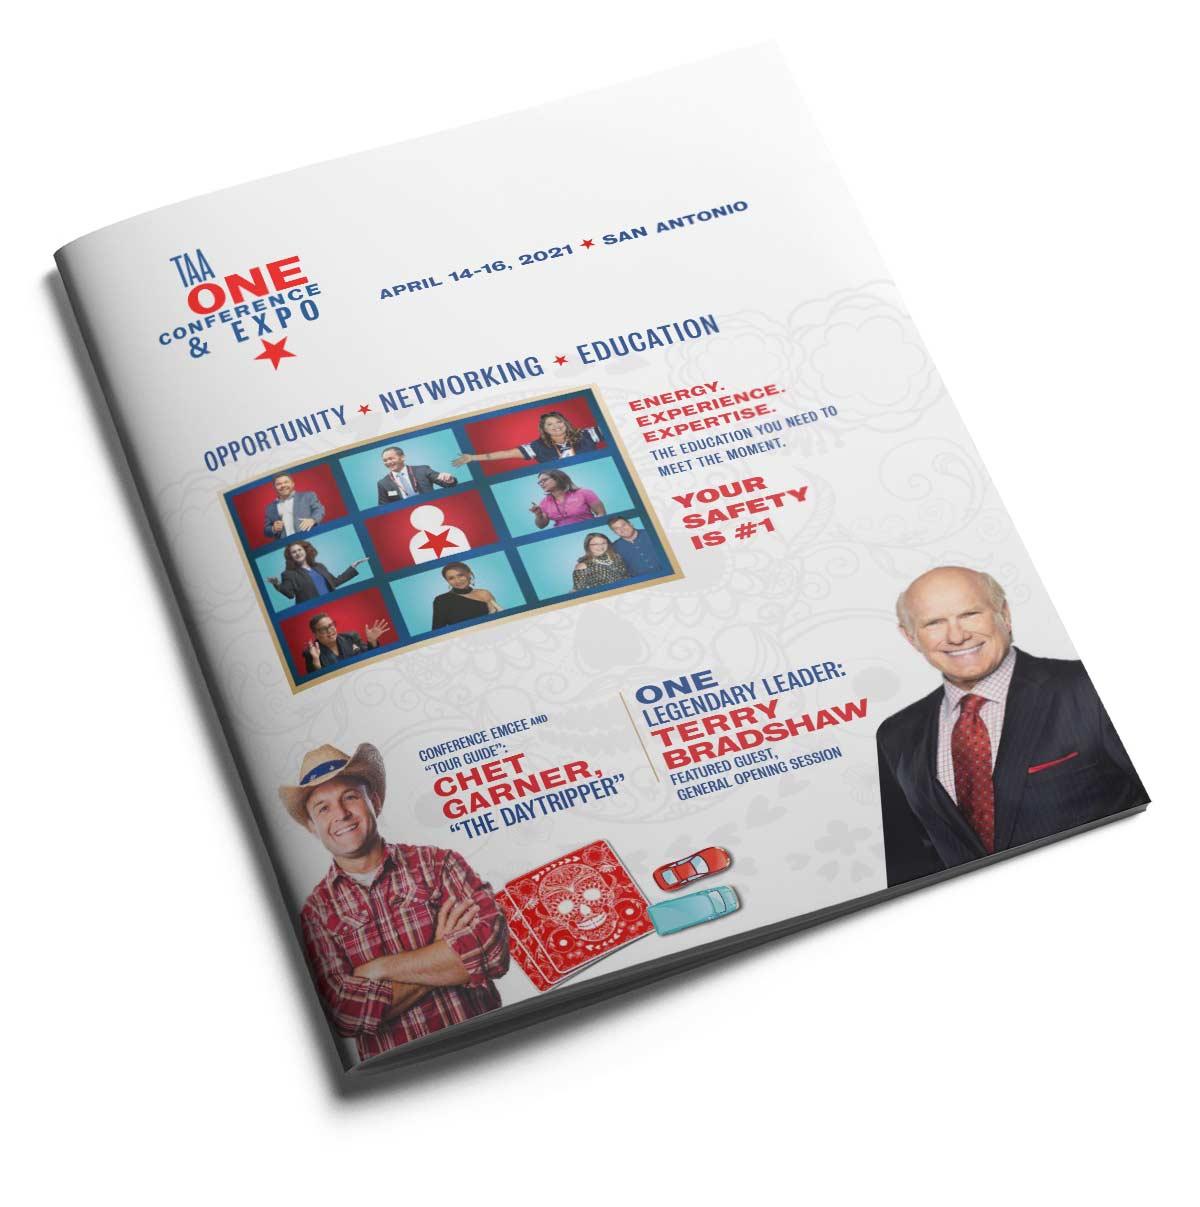 TX One, Texas Apartment Association's 2021 event program cover design